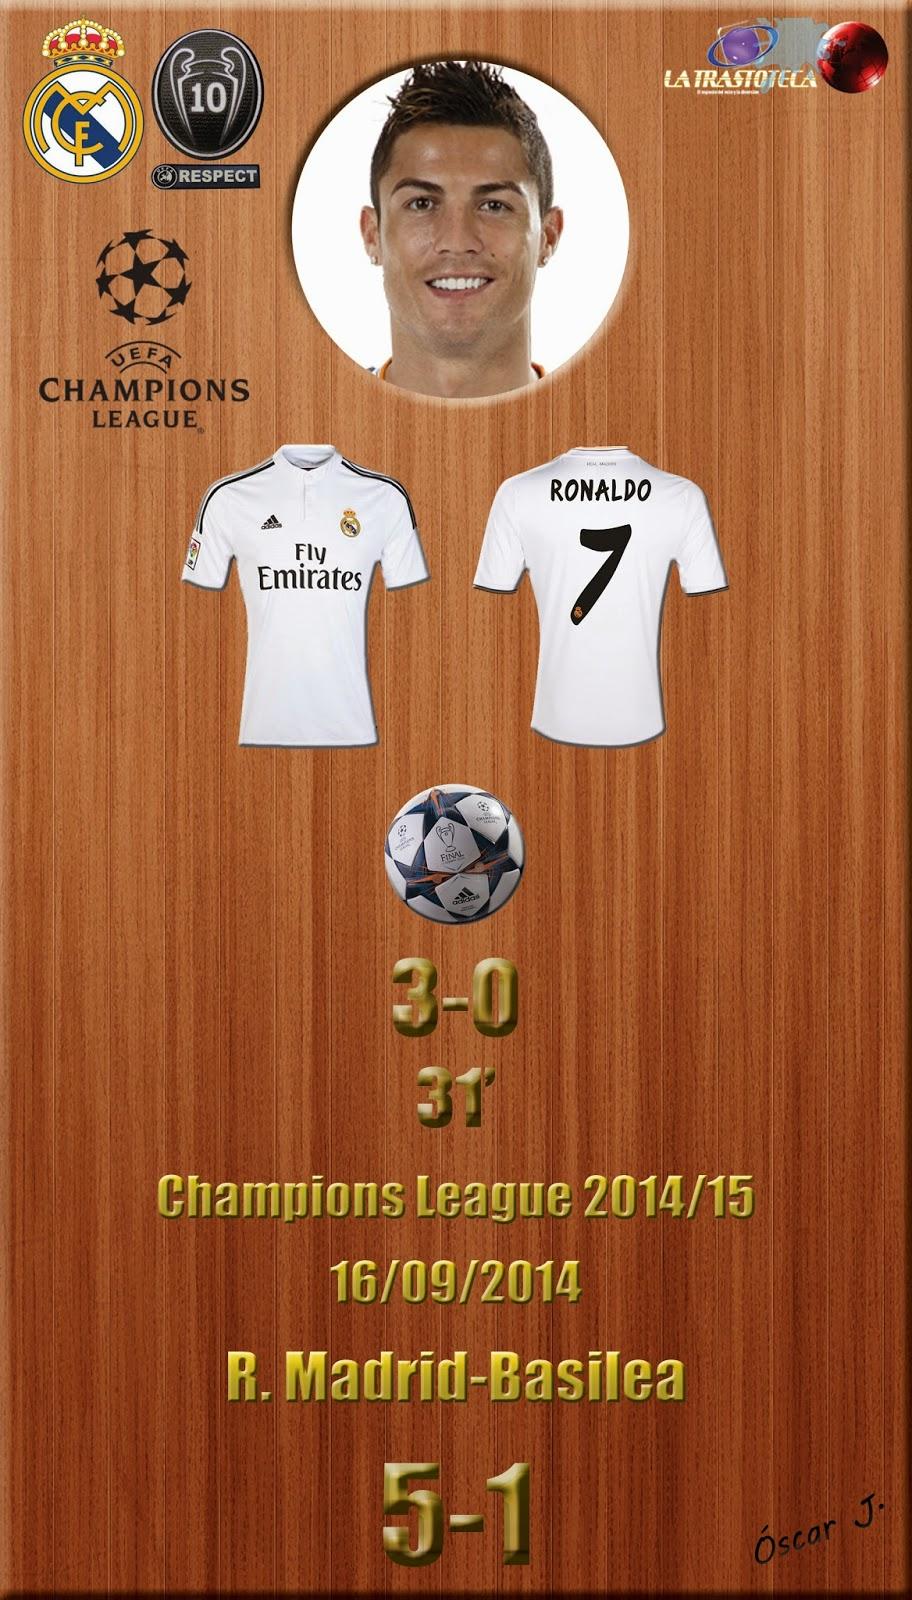 Cristiano Ronaldo (3-0) (Golazo de CR7) - Champions League. Jornada 1 (16/09/2014)